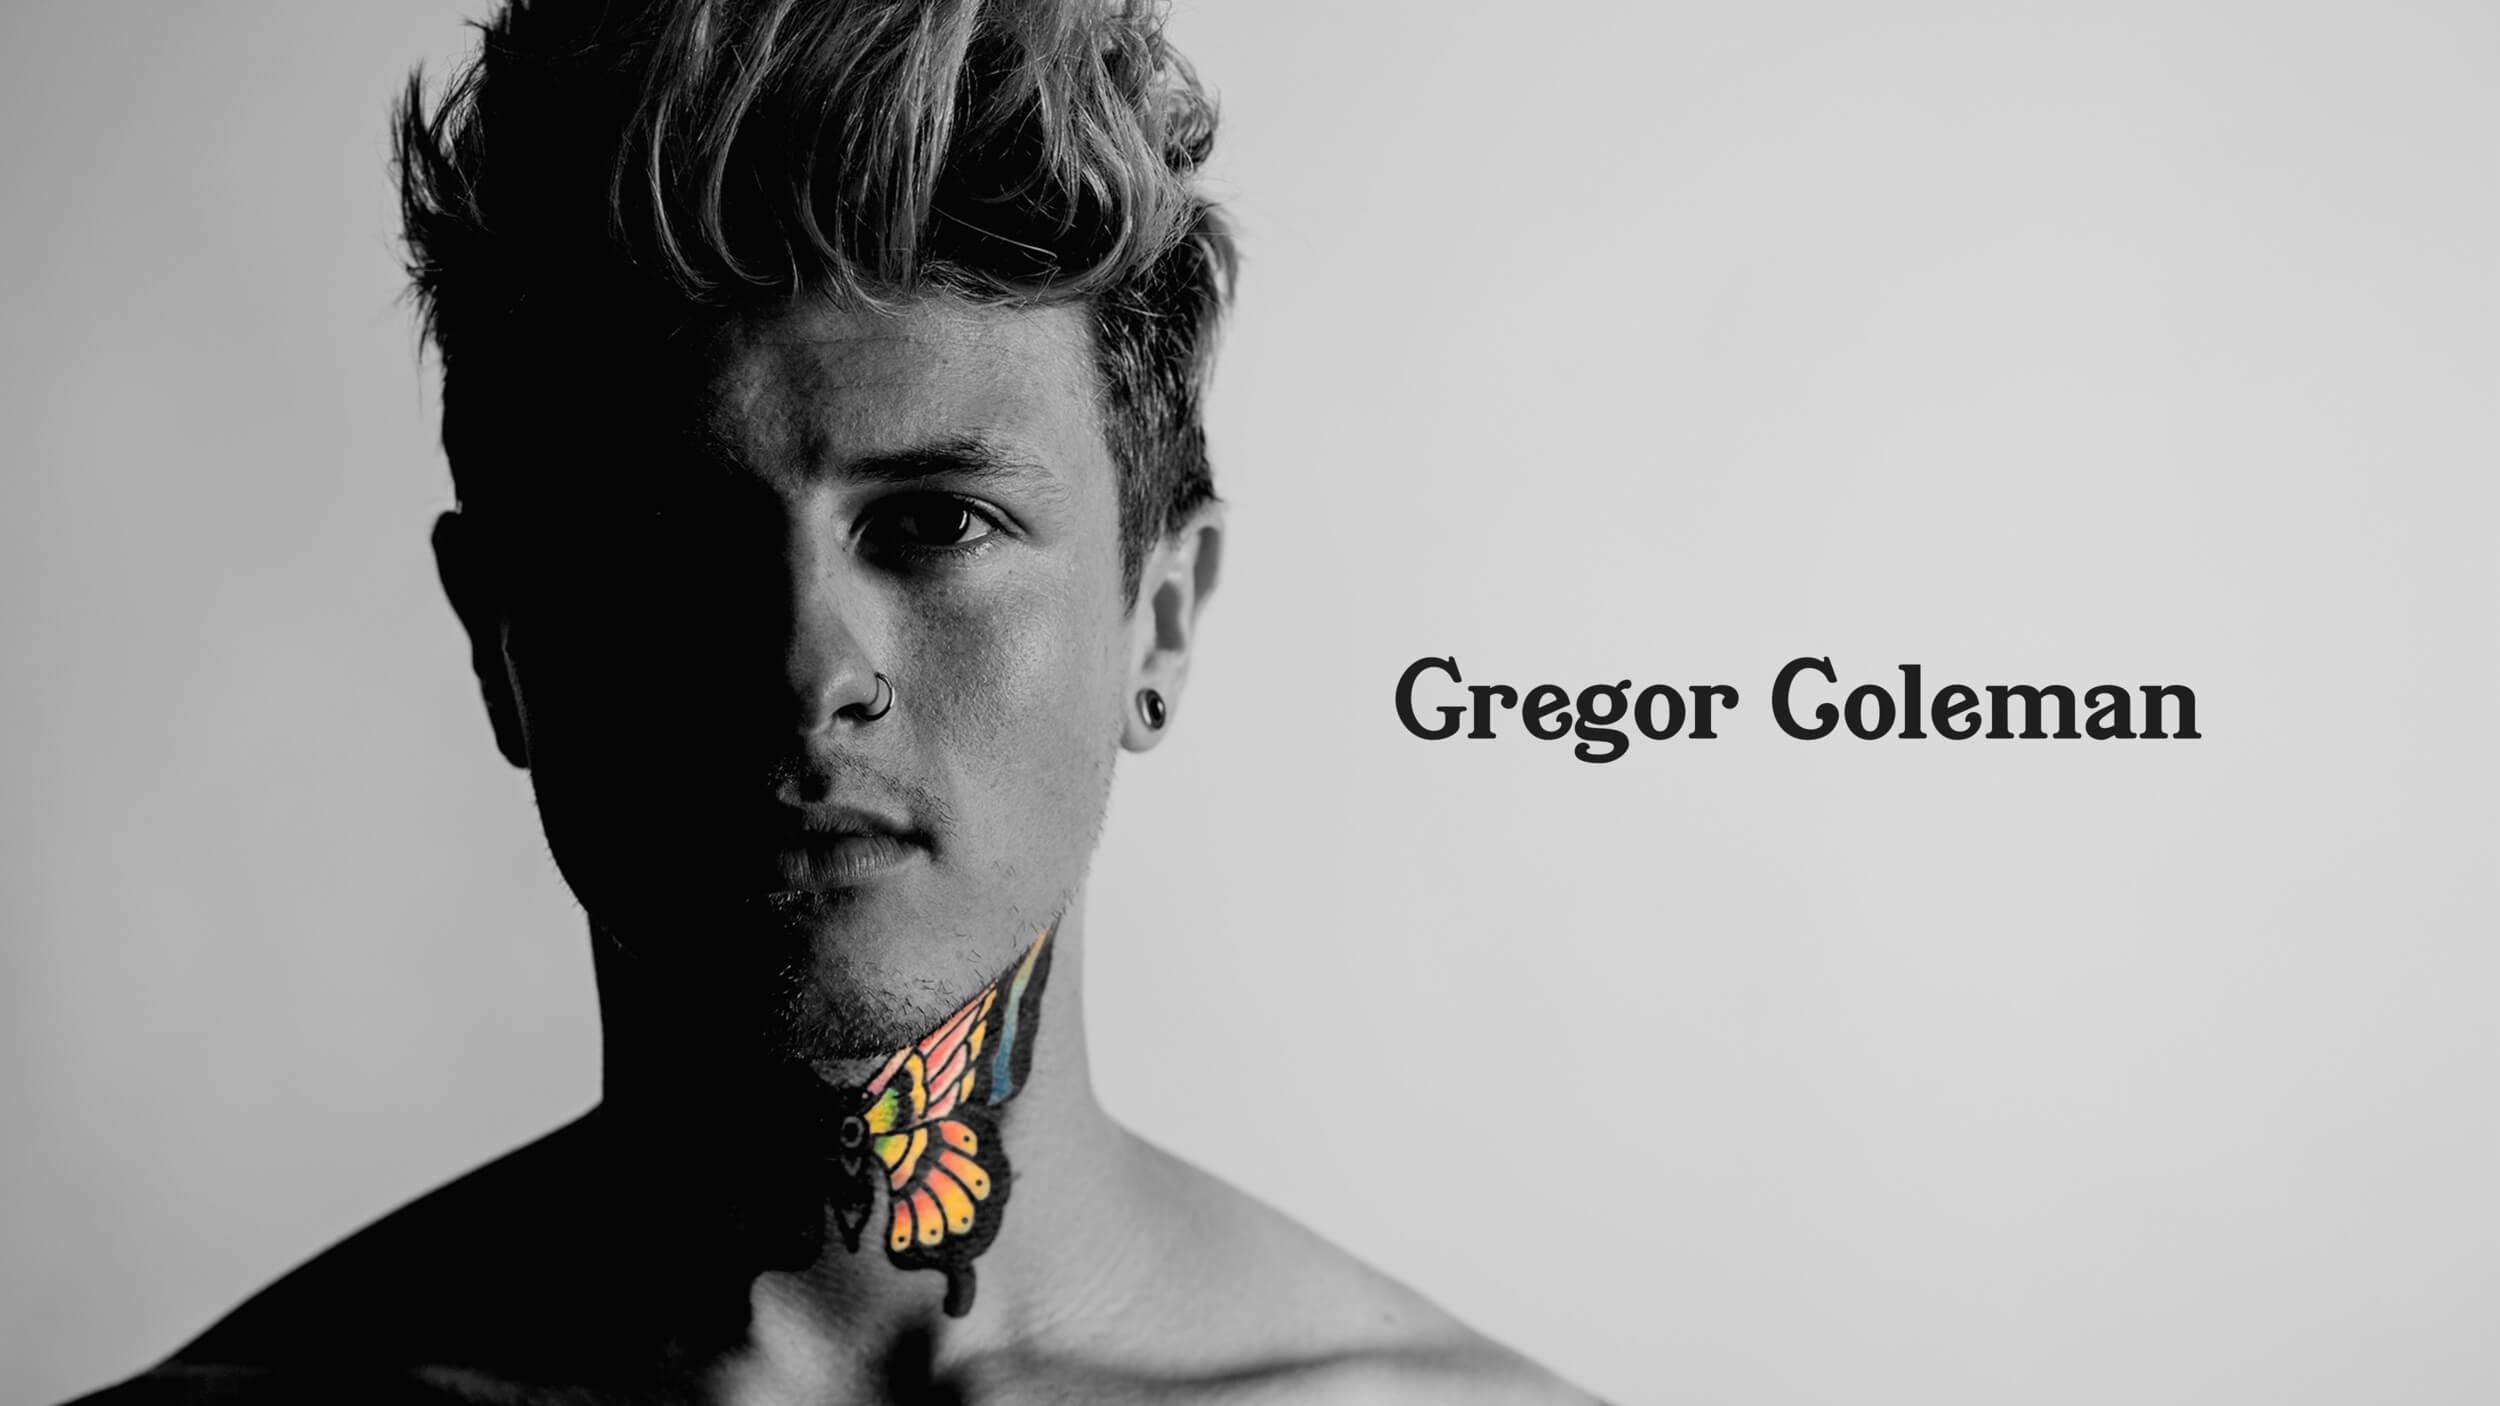 Gregor Coleman